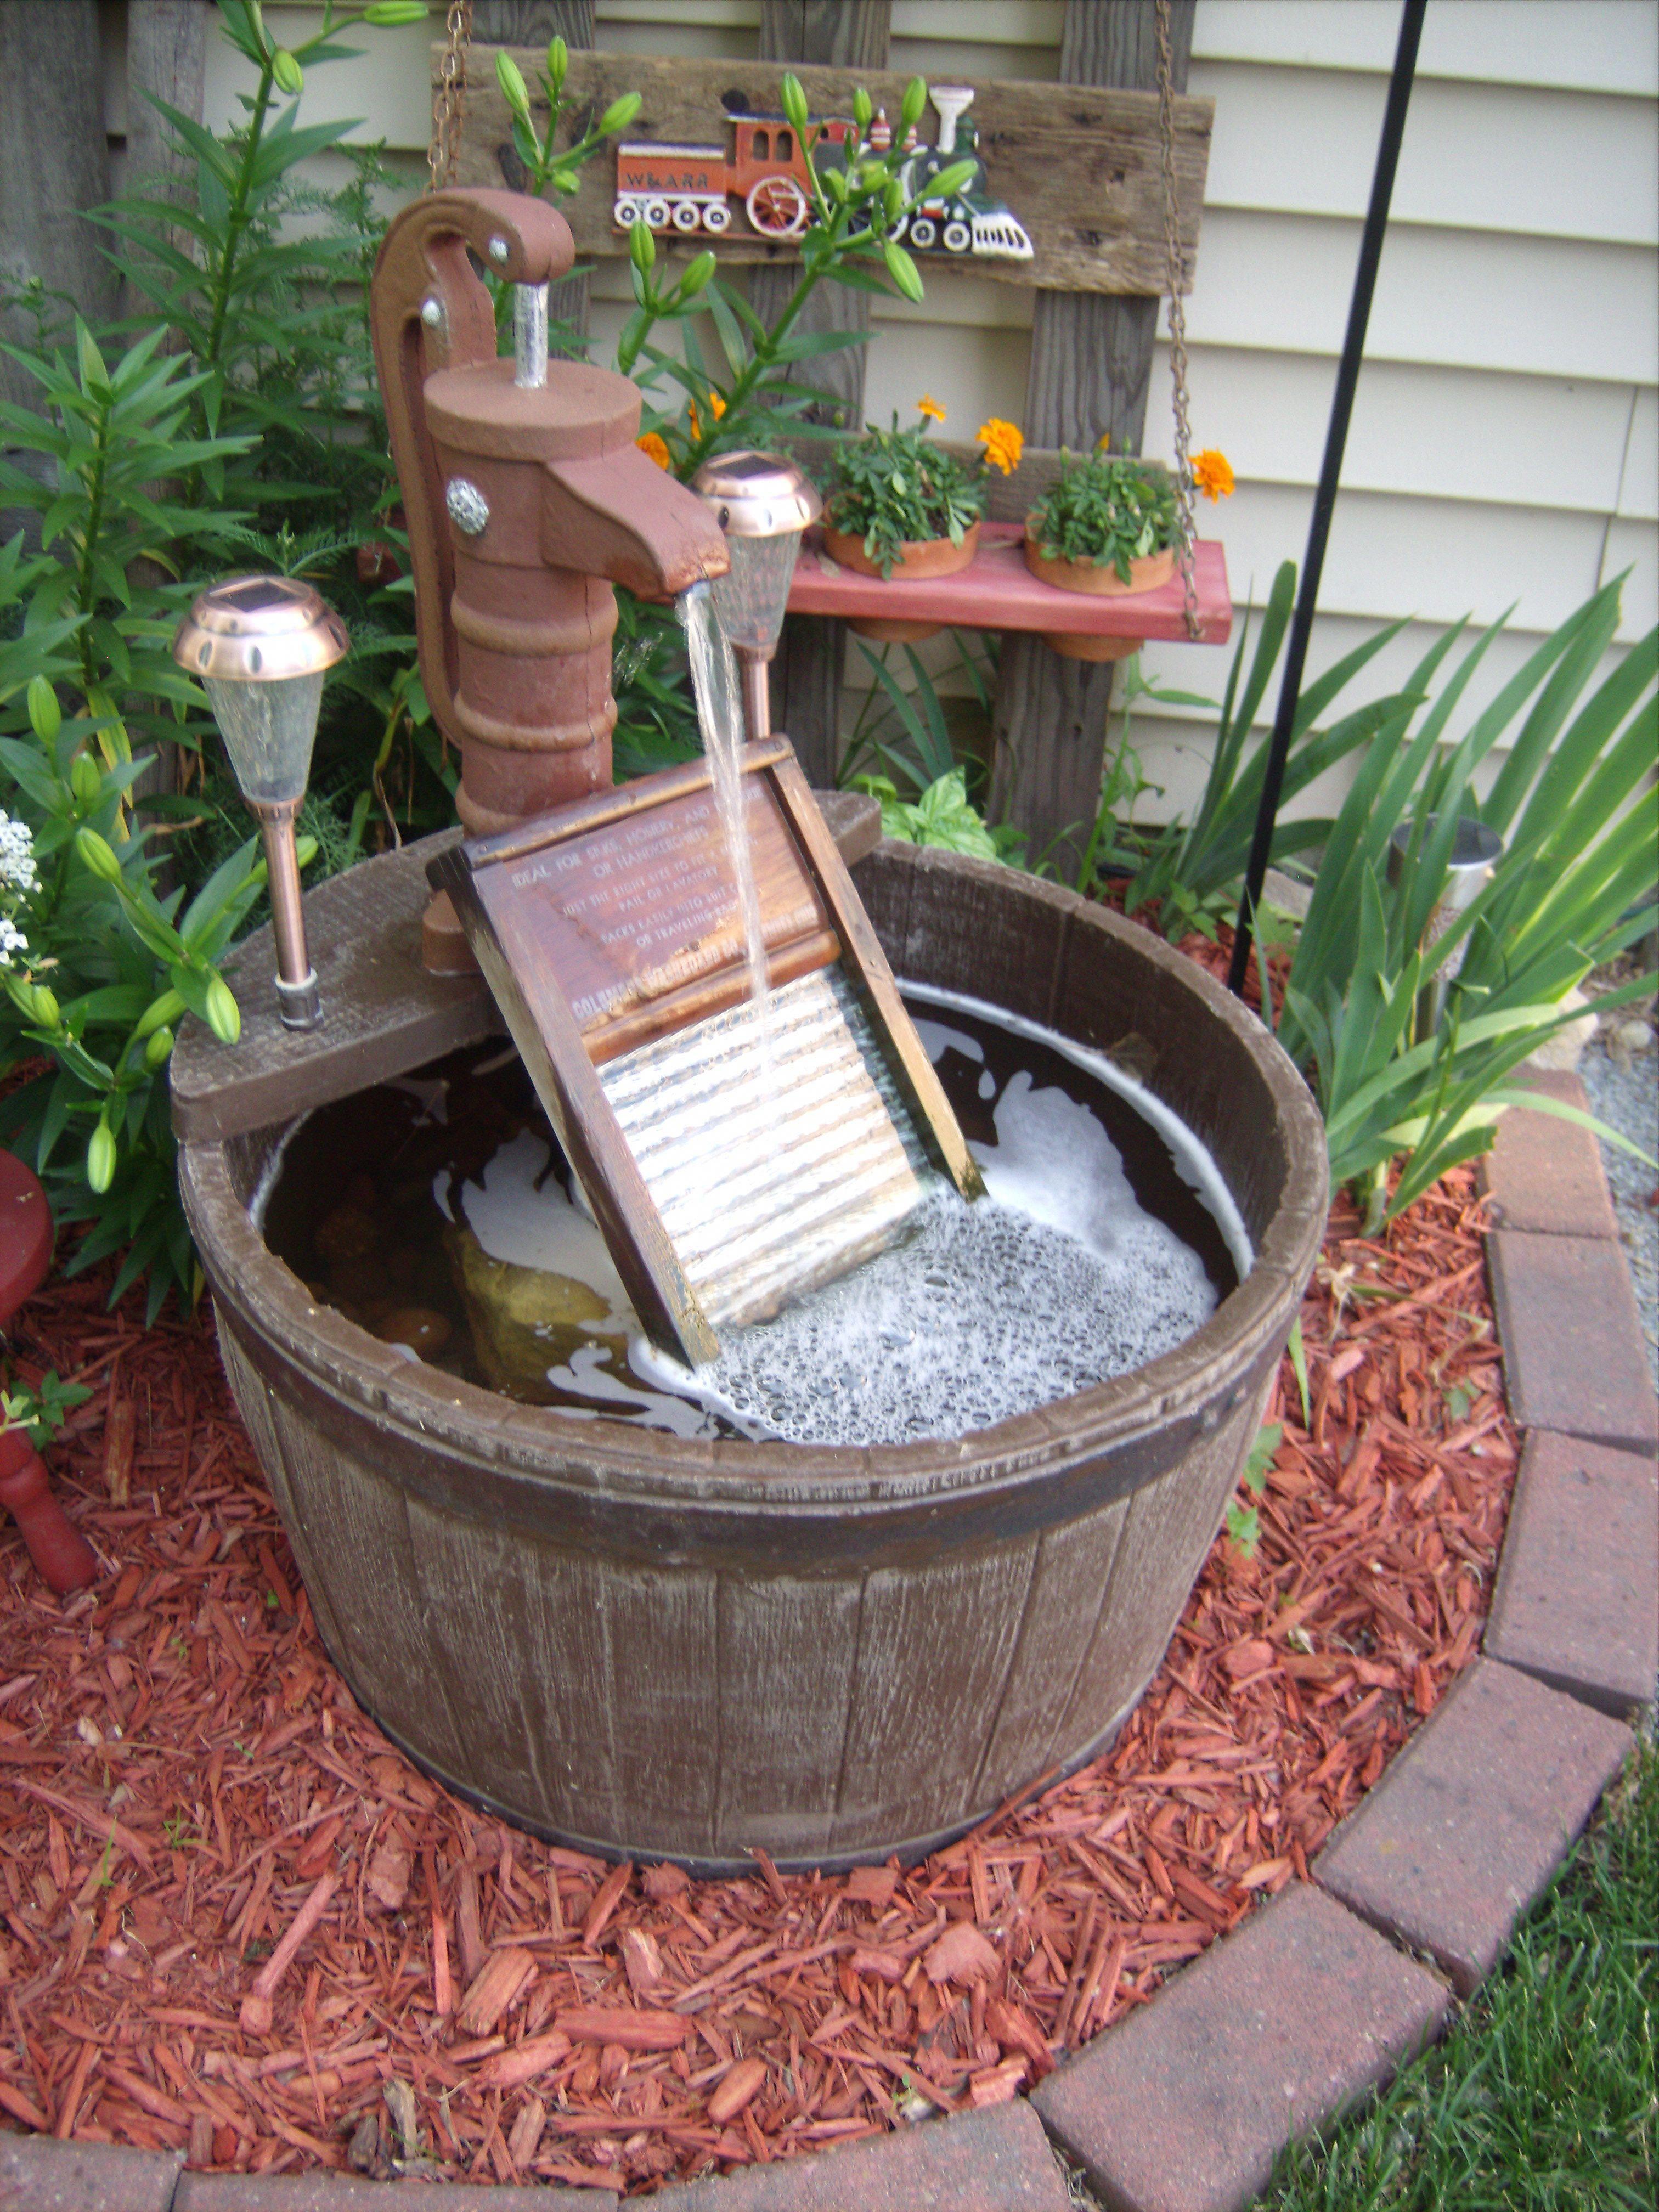 Solar Fountain Outdoor Spaces Solarfountaindiy Solarfountainpatio Diysolarfountainid Diy Water Fountain Water Fountains Outdoor Water Features In The Garden